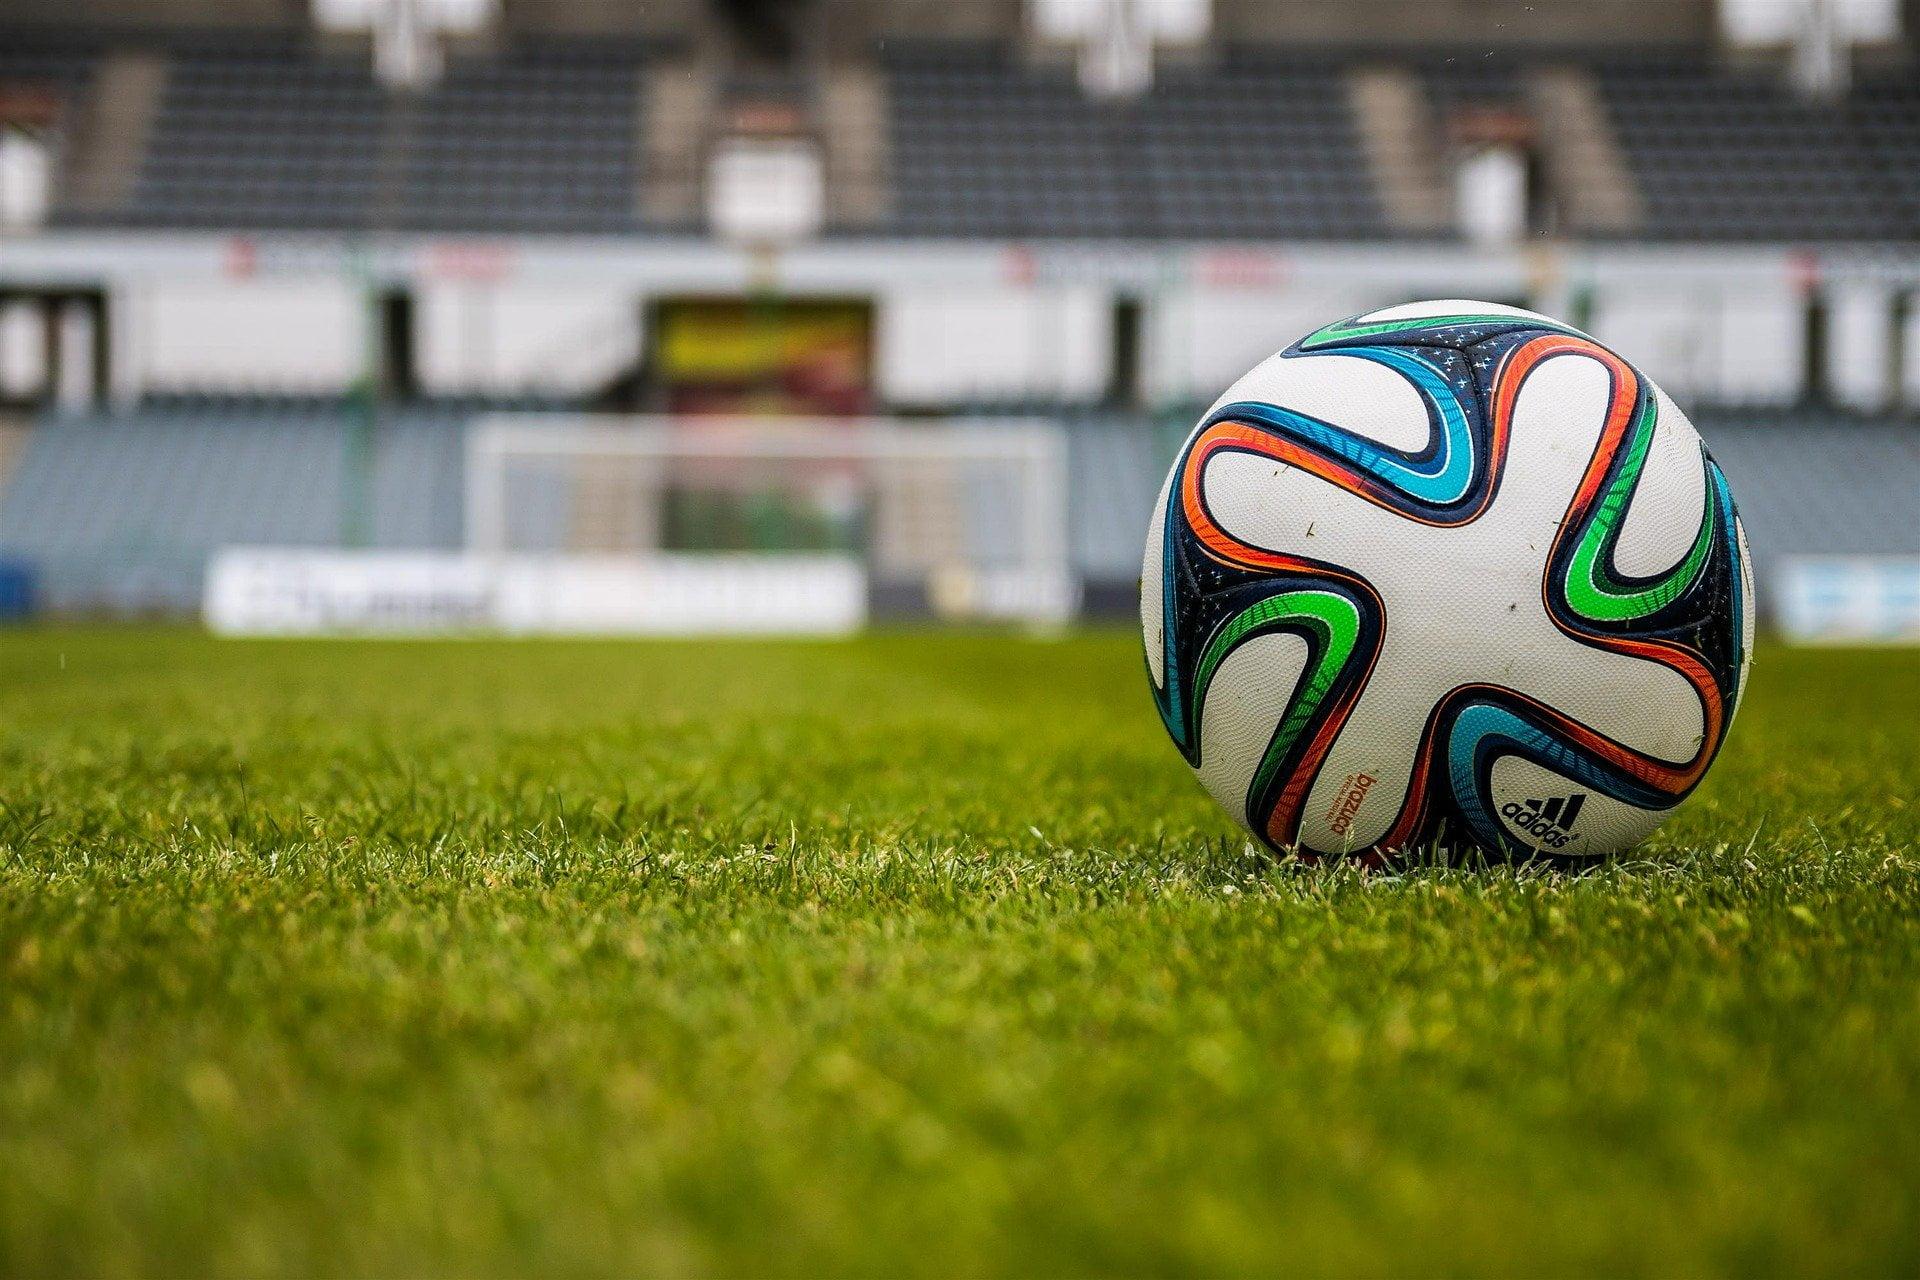 Sportivii surzi au primit peste 3.000 euro de la Viorel Paunescu